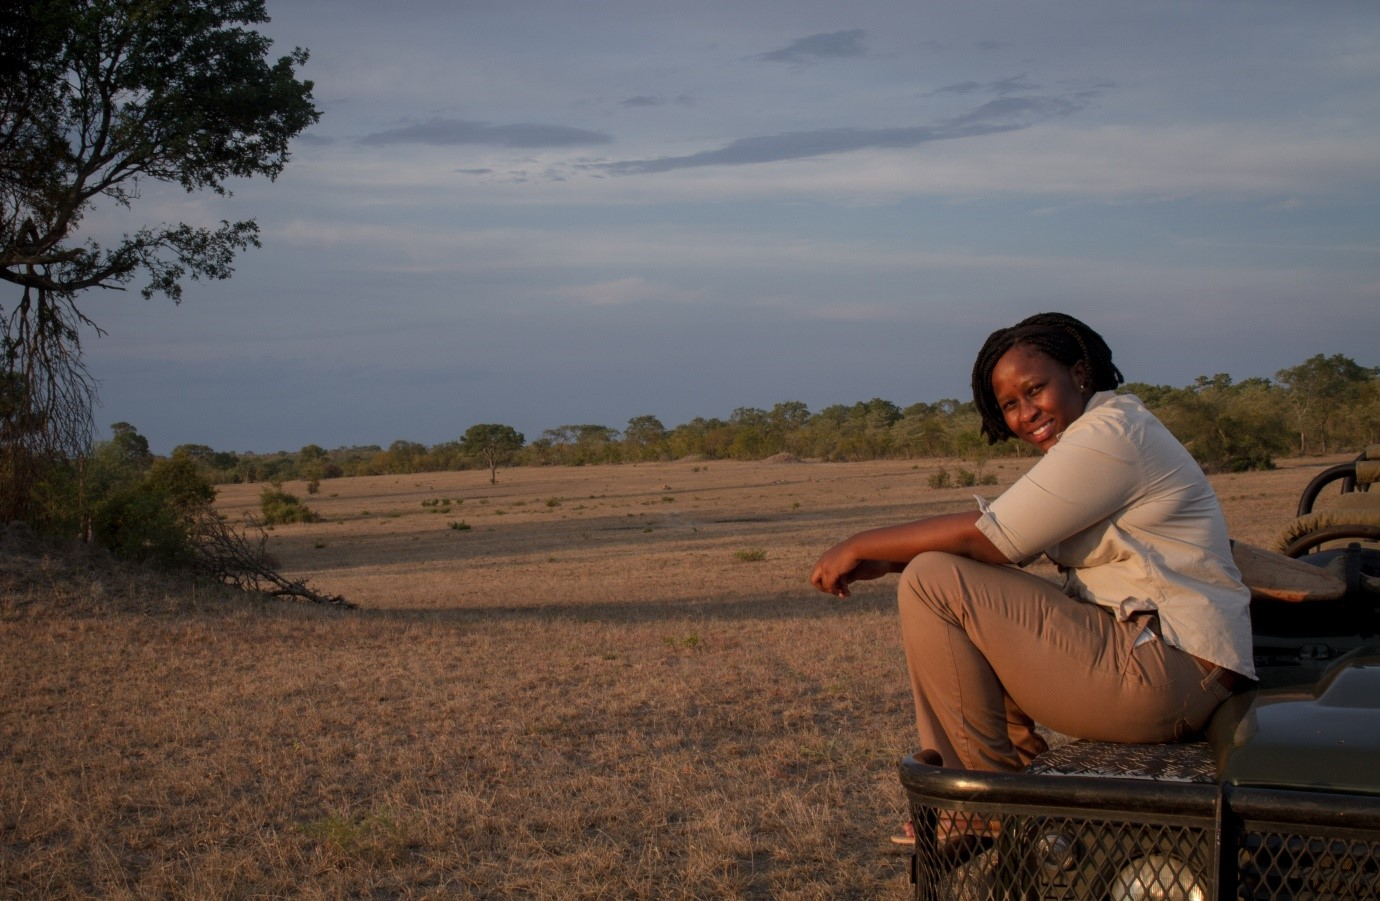 Obakeng Kgadile admiring the gorgeous view at MalaMala